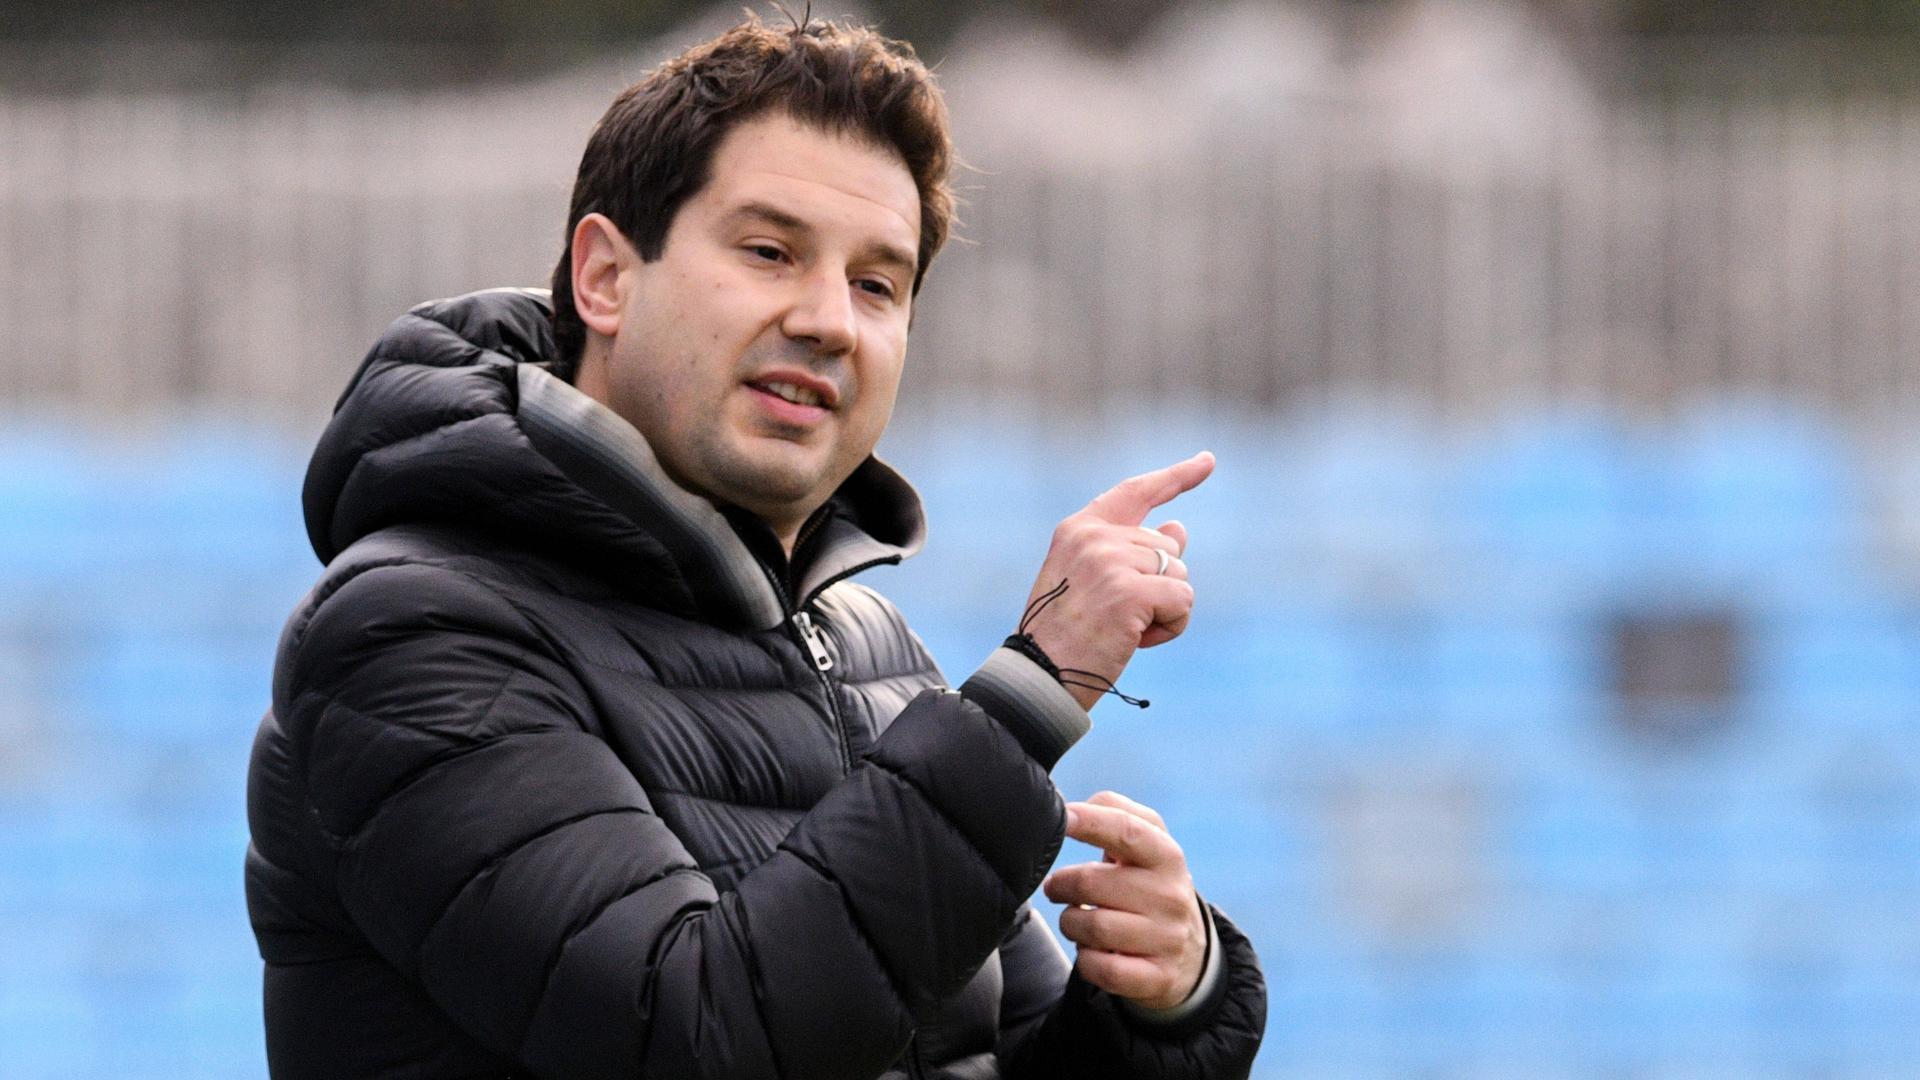 Ankunft bei einem Topclub: Argirios Giannikis, der aus dem Nachwuchs des Karlsruher SC hervorging, ist der neue Cheftrainer beim zwölfmaligen griechischen Meister AEK Athen.